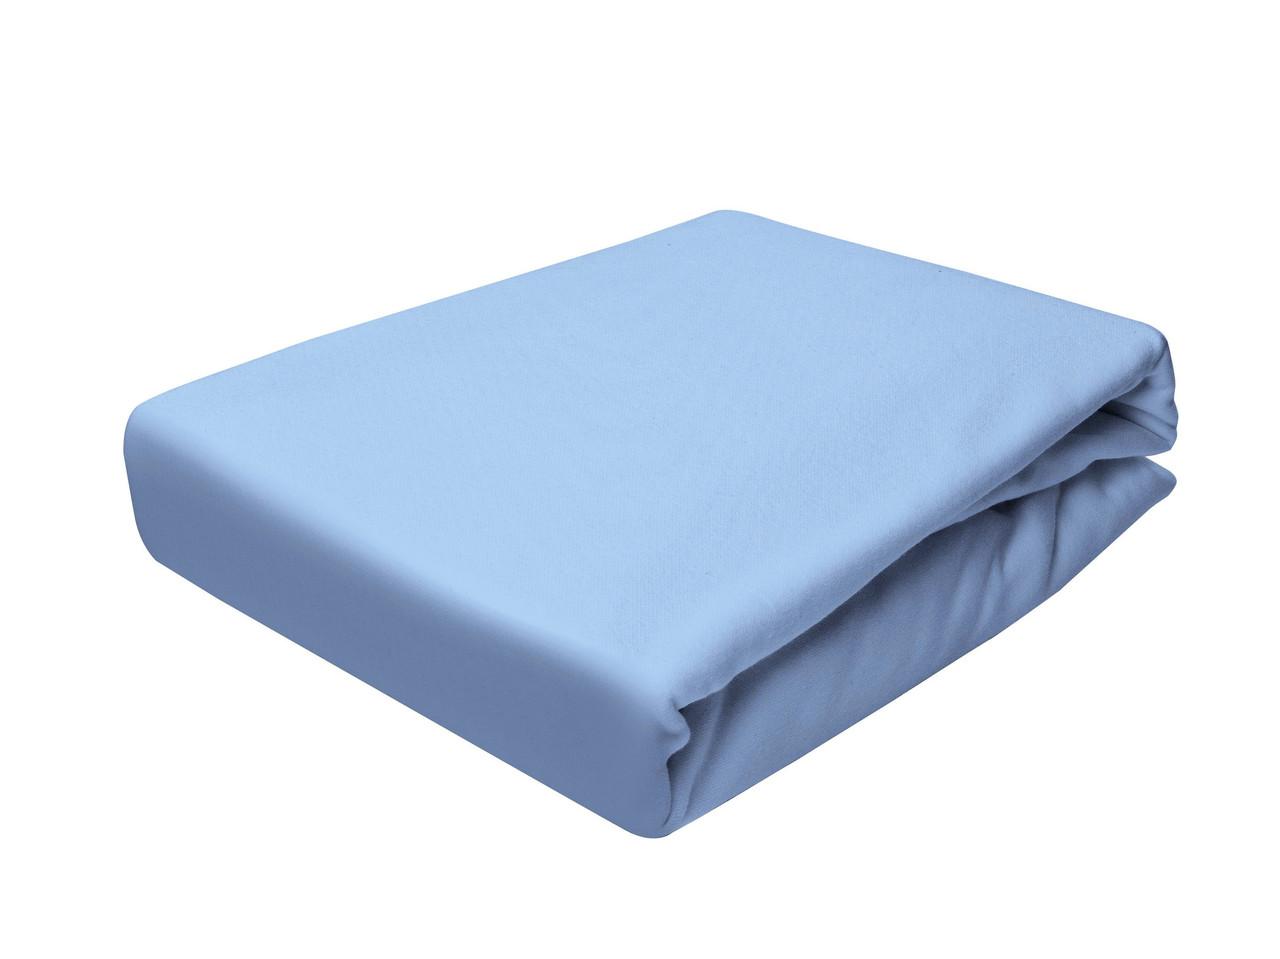 Простыня Трикотажная На резинке NR 017 P.P.H.U. J&M 5378 160x200 см Синяя